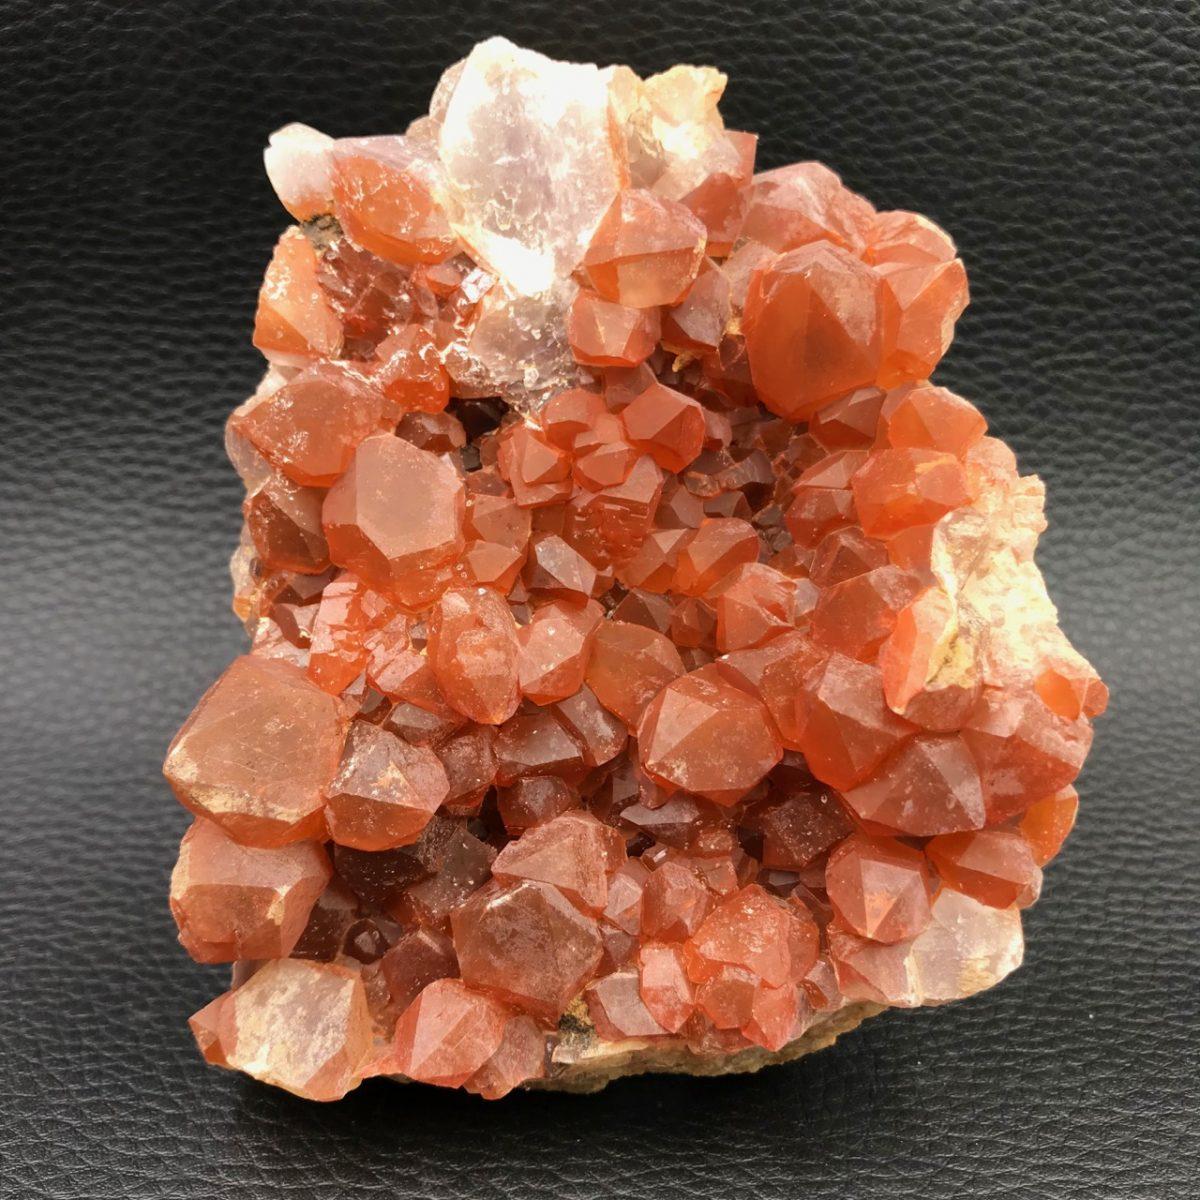 druse-quartz-hematoide